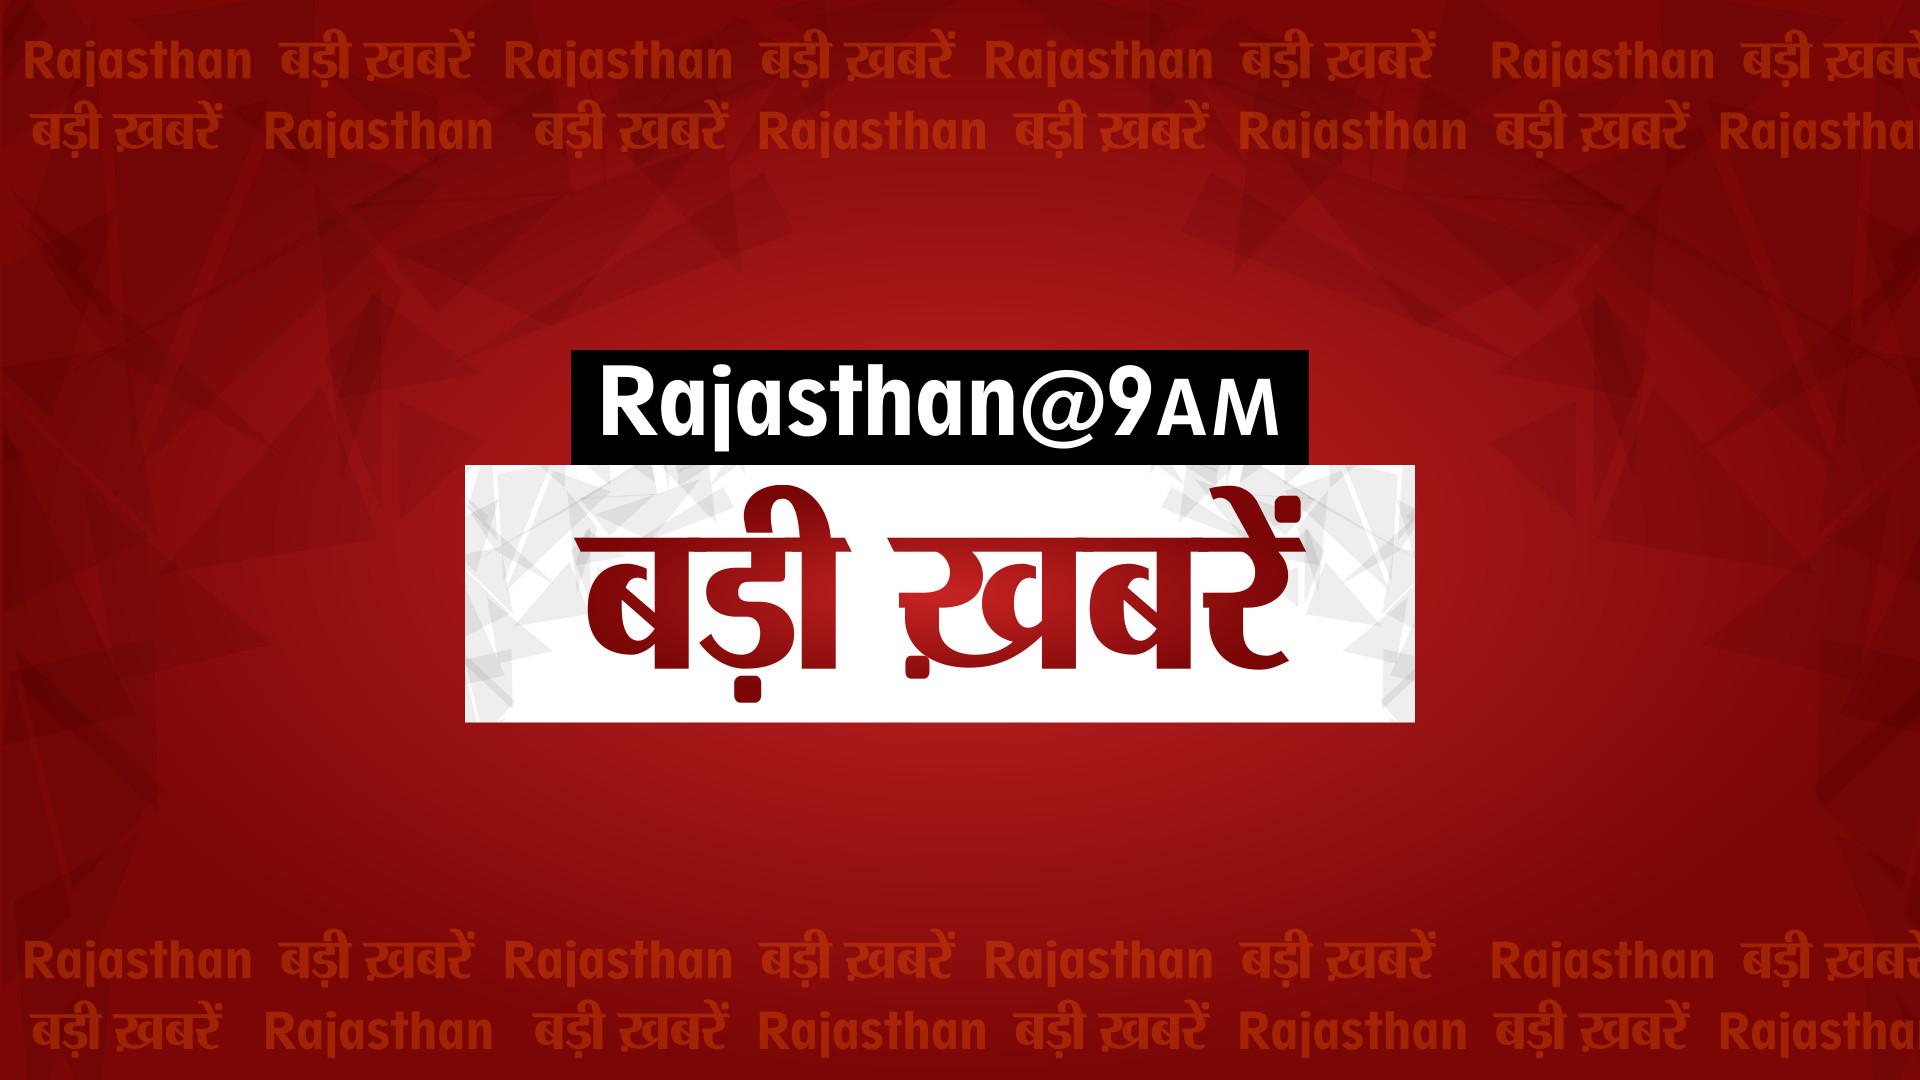 Rajasthan@9AM: कृषिमंत्री लालचंद कटारिया ने मंत्री पद से दिया इस्तीफा! जाने अभी की 5 बड़ी खबरें